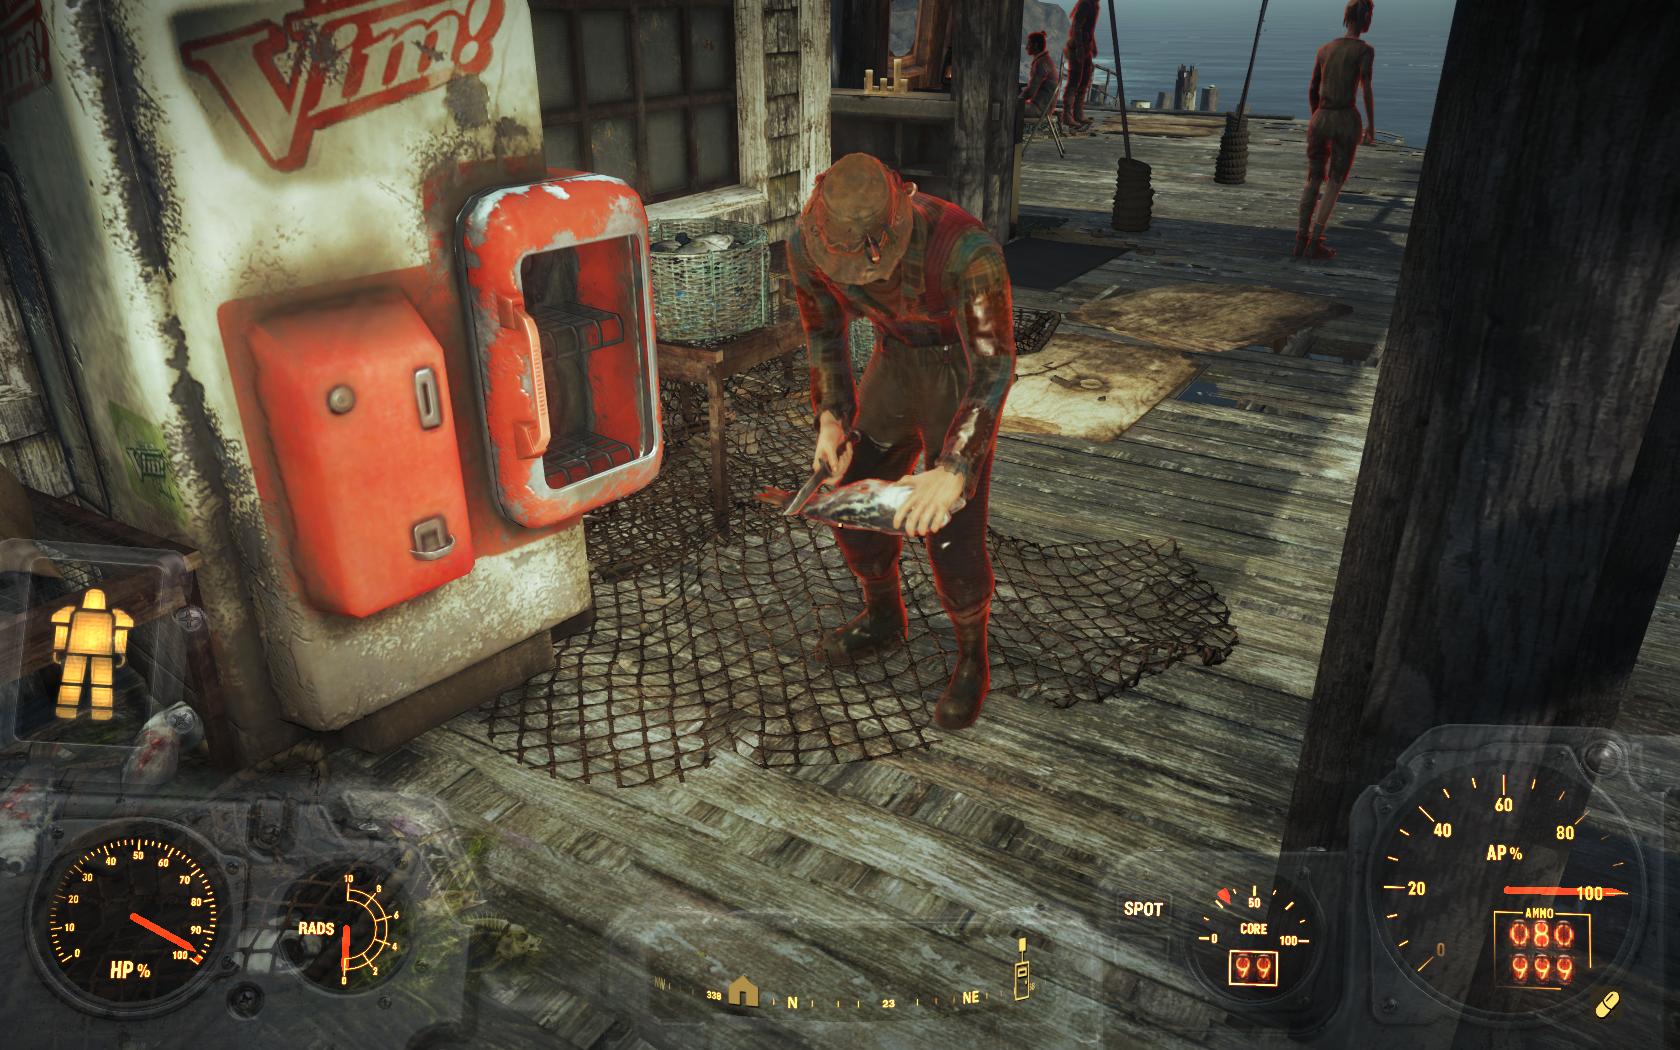 Рыбак - ему не нужен стол для разделки рыбы (Фар-Харбор) - Fallout 4 Баг